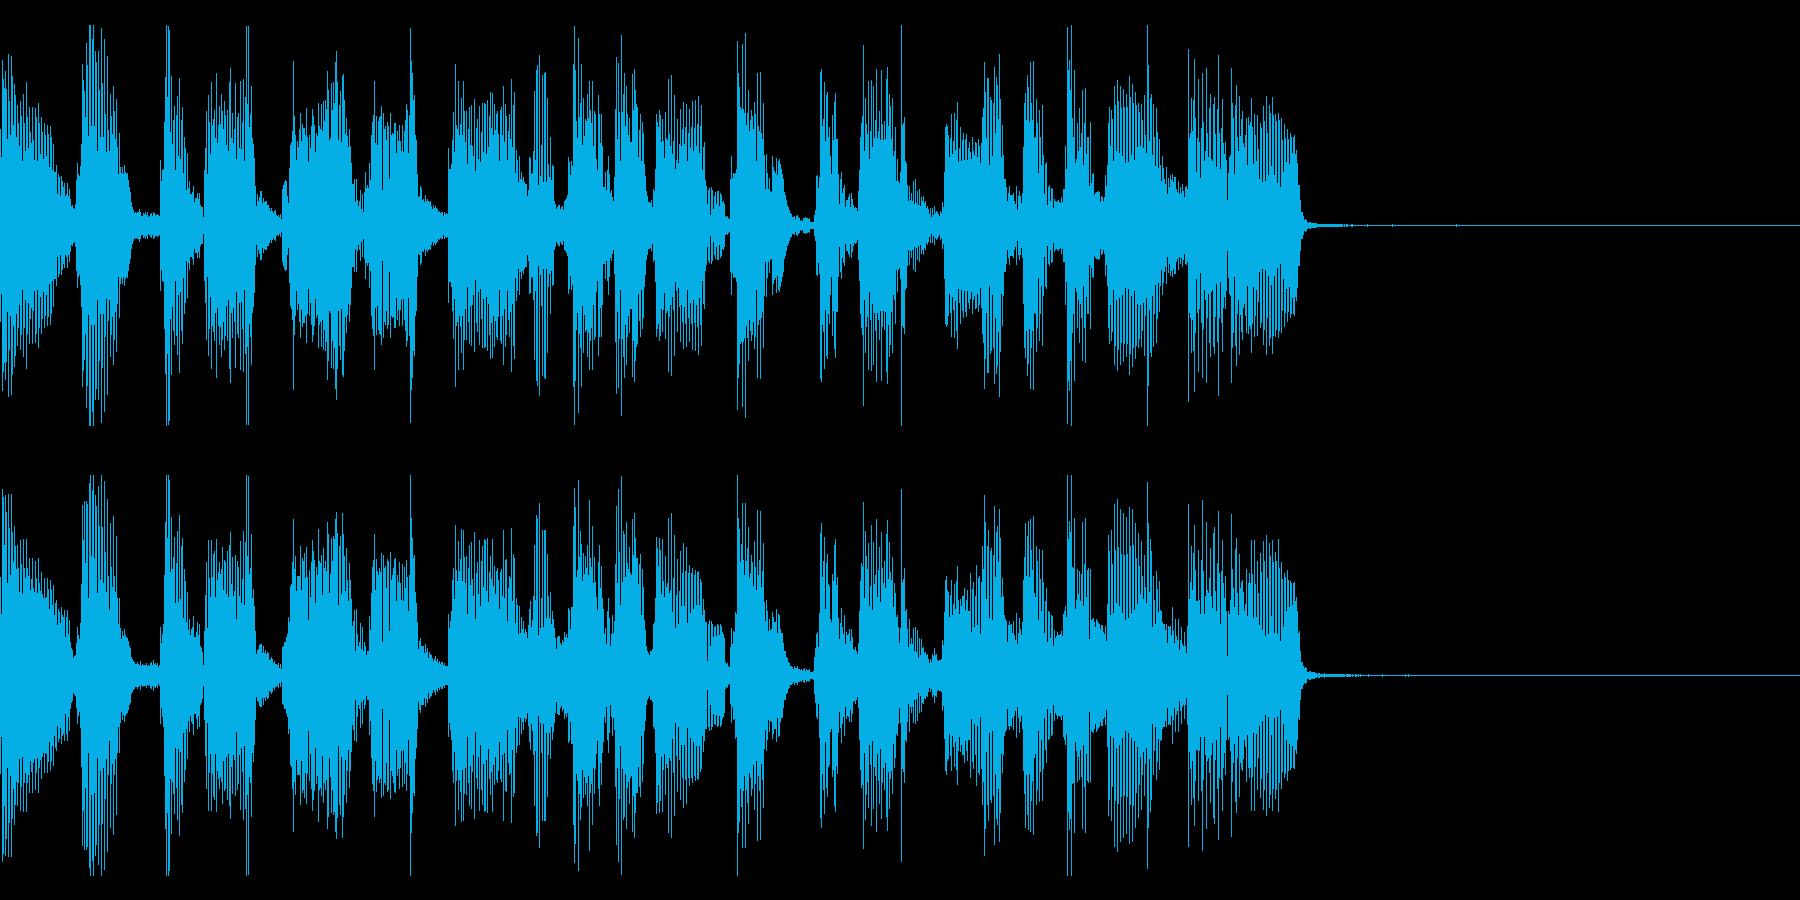 シンプルなギターポップのジングル2の再生済みの波形